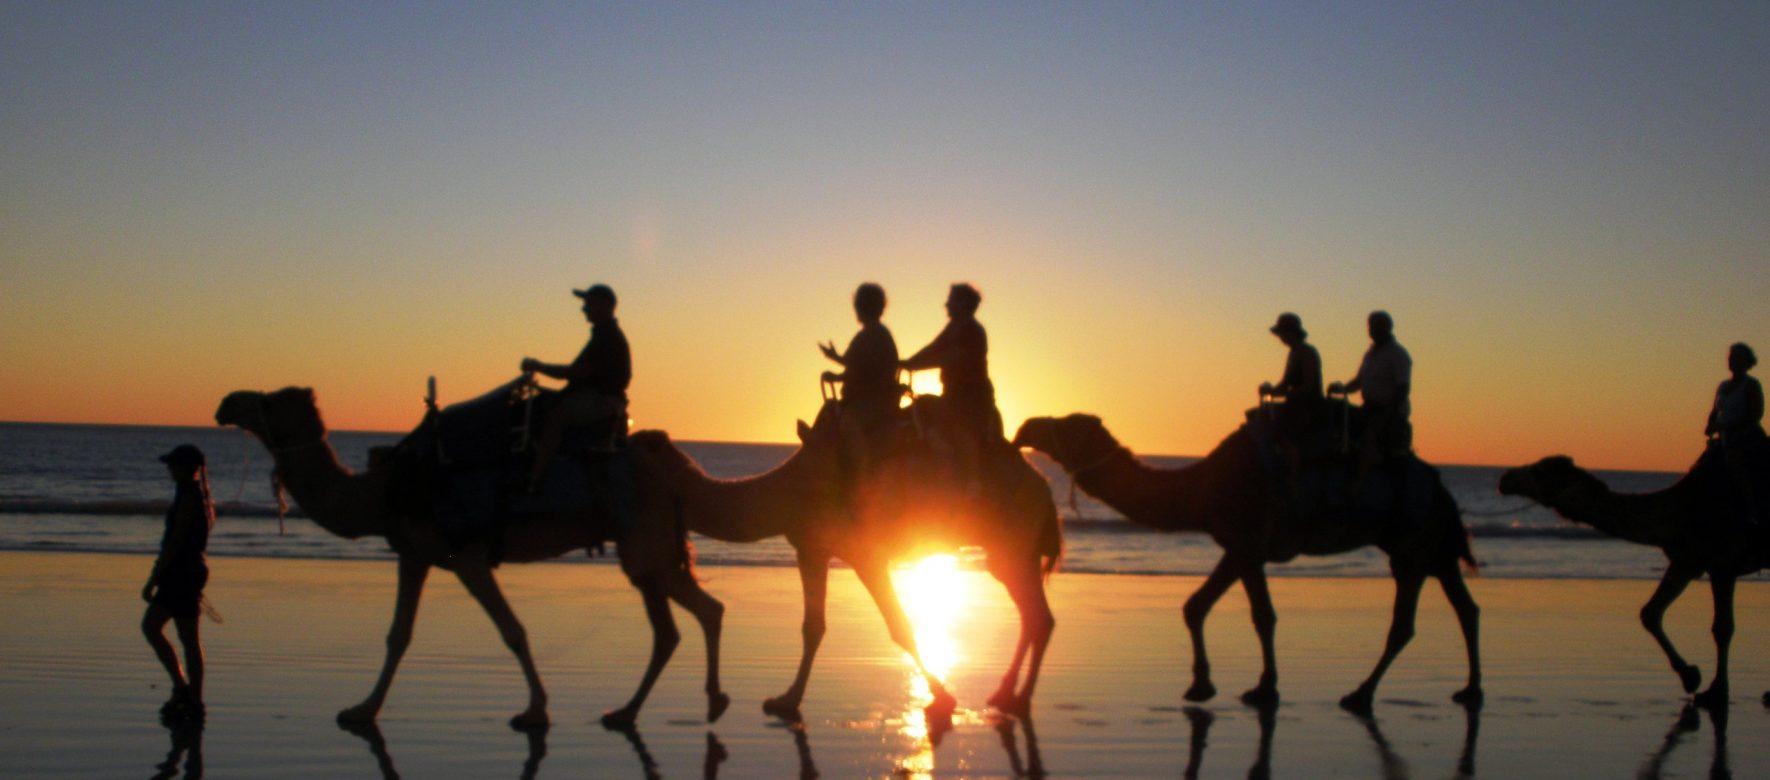 Tunisie : Les entrées touristiques ont franchi les 7,2 millions de visiteurs